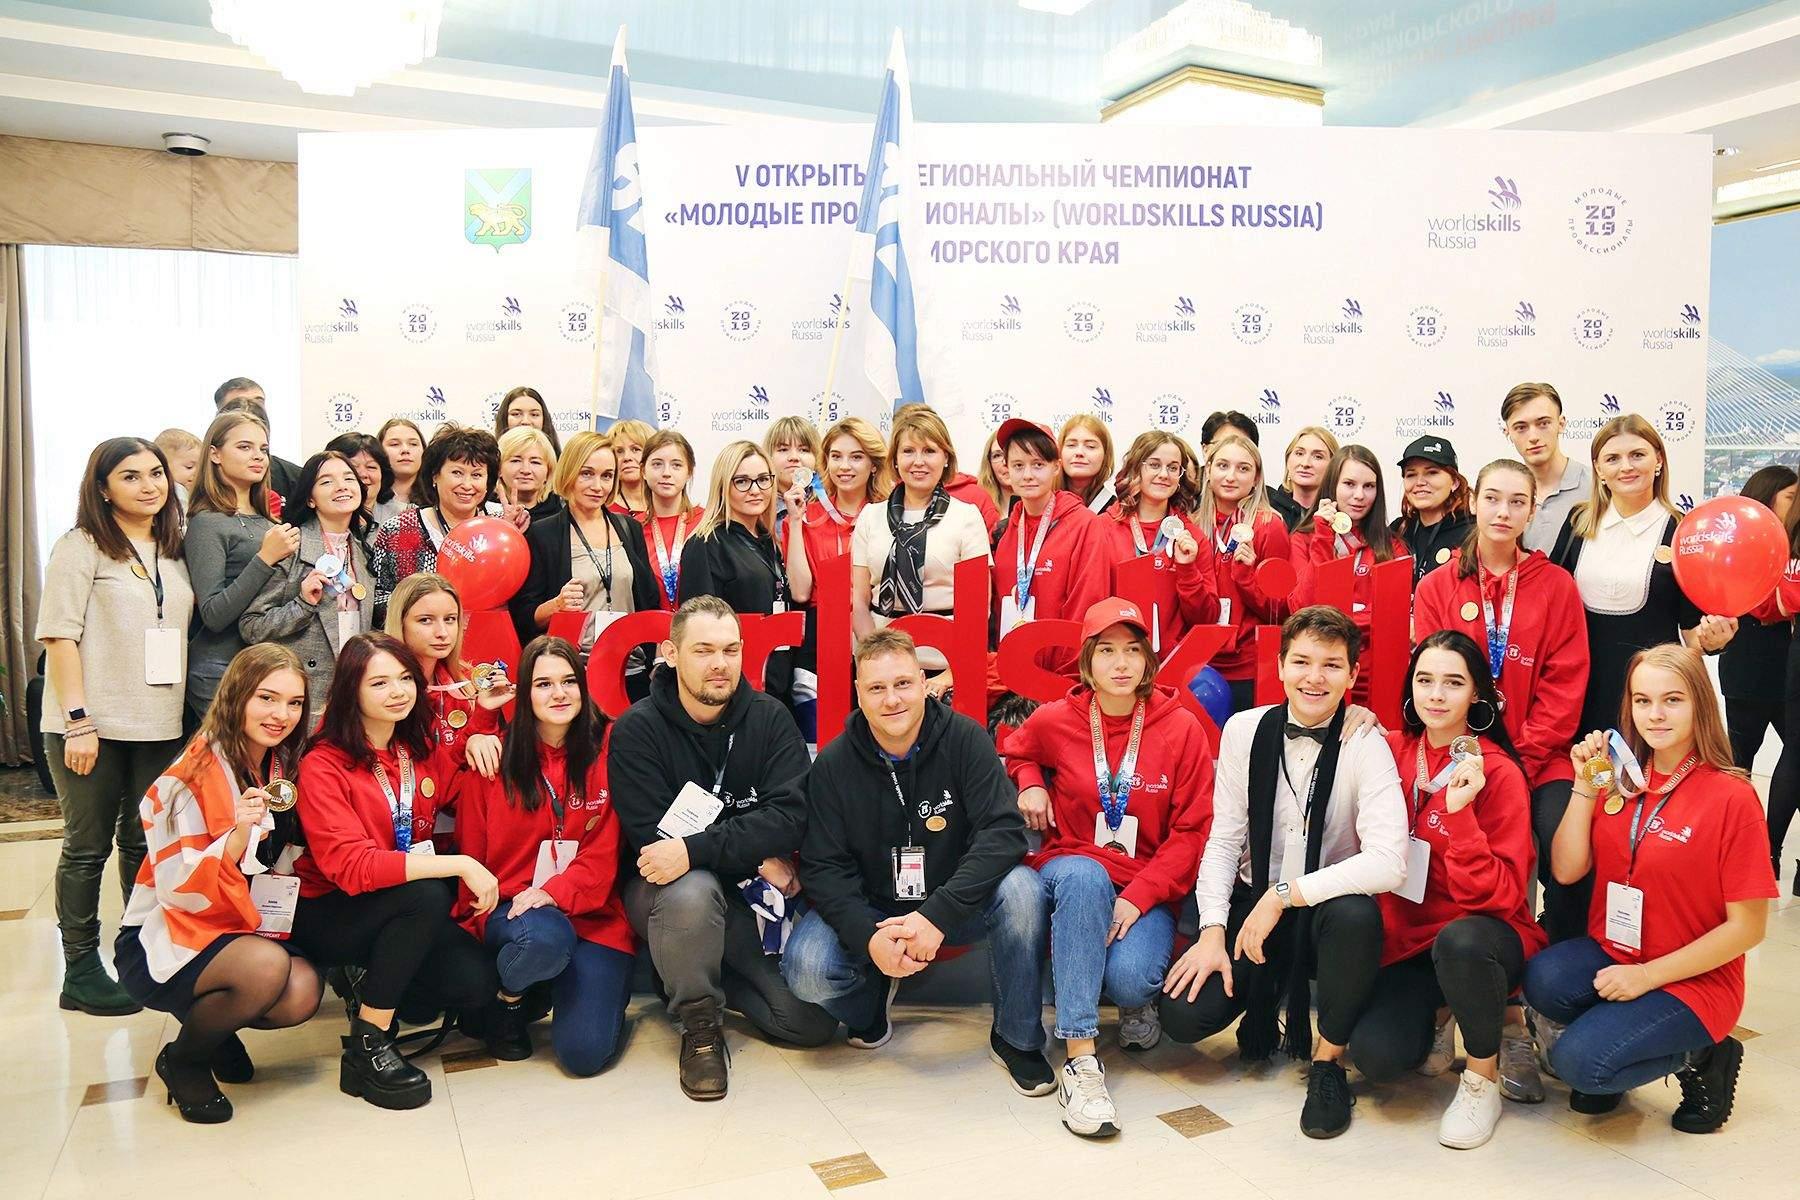 Финал VIII Национального чемпионата «Молодые профессионалы» (WorldSkills Russia) проходит во ВГУЭС